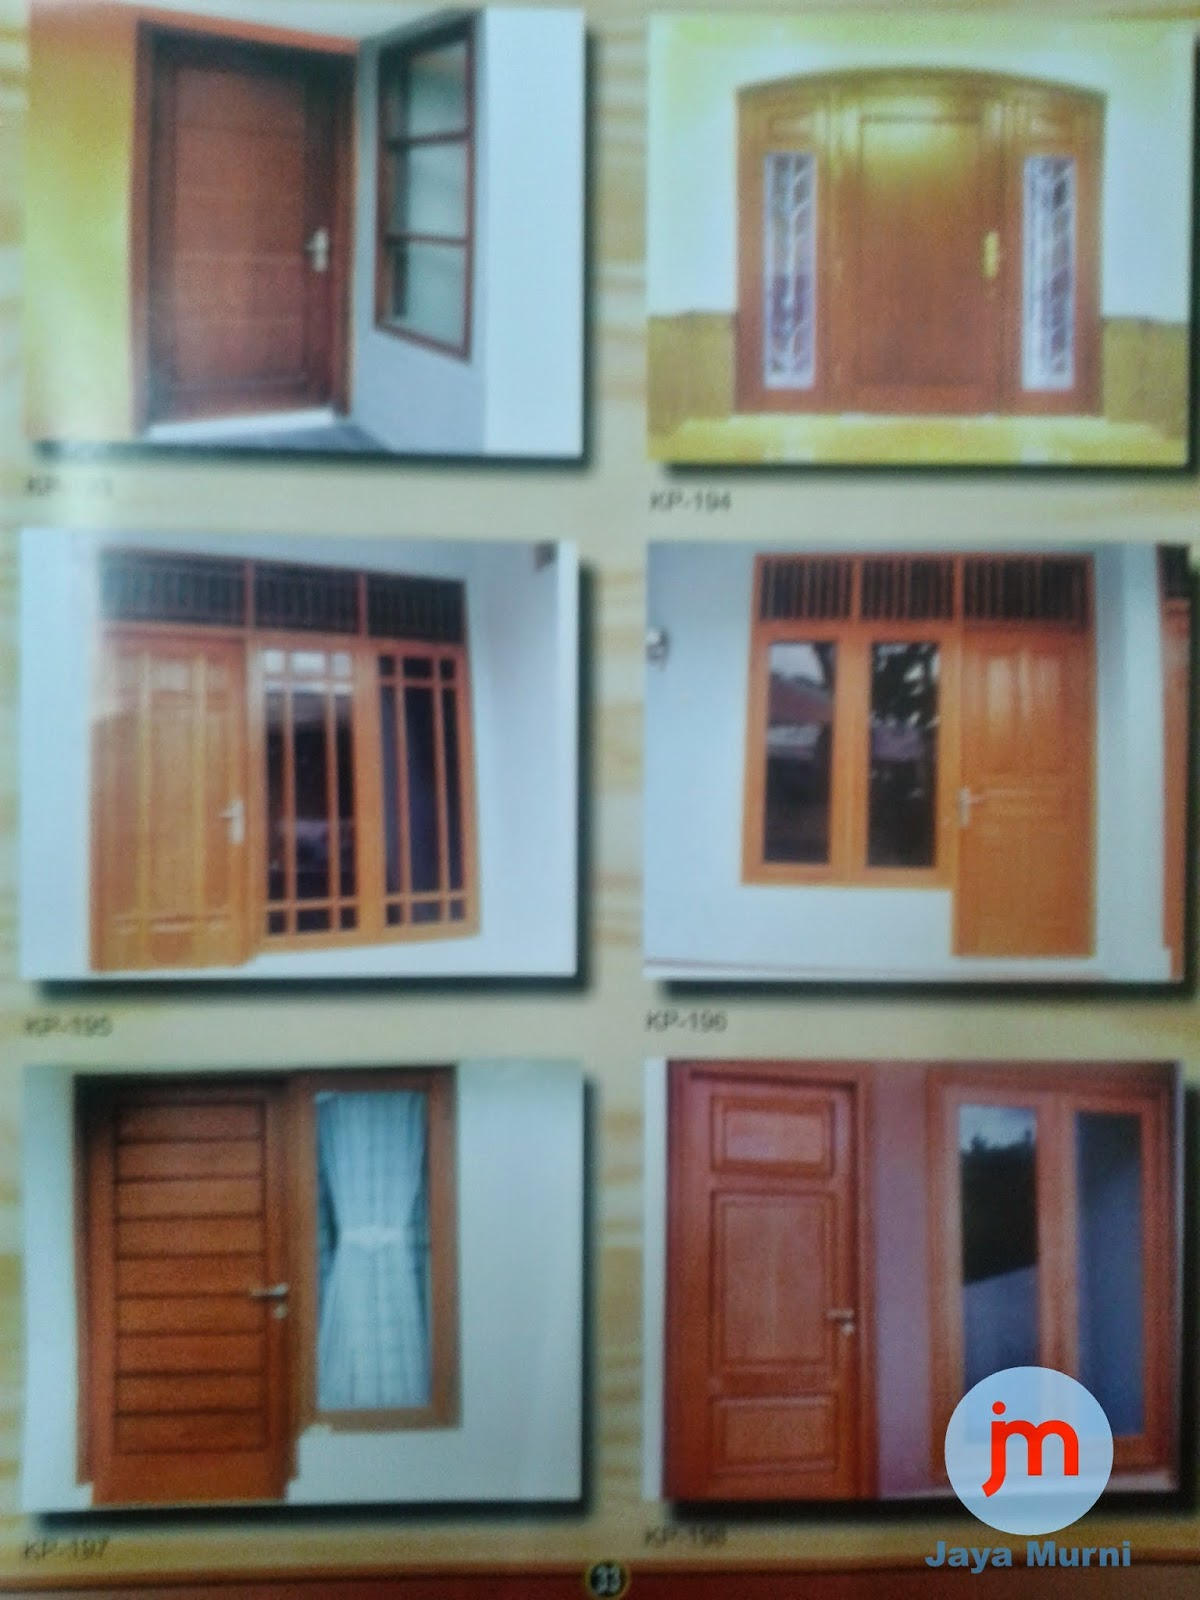 Sentral Penjualan Kusen Pintu Jendela Garasi Kayu